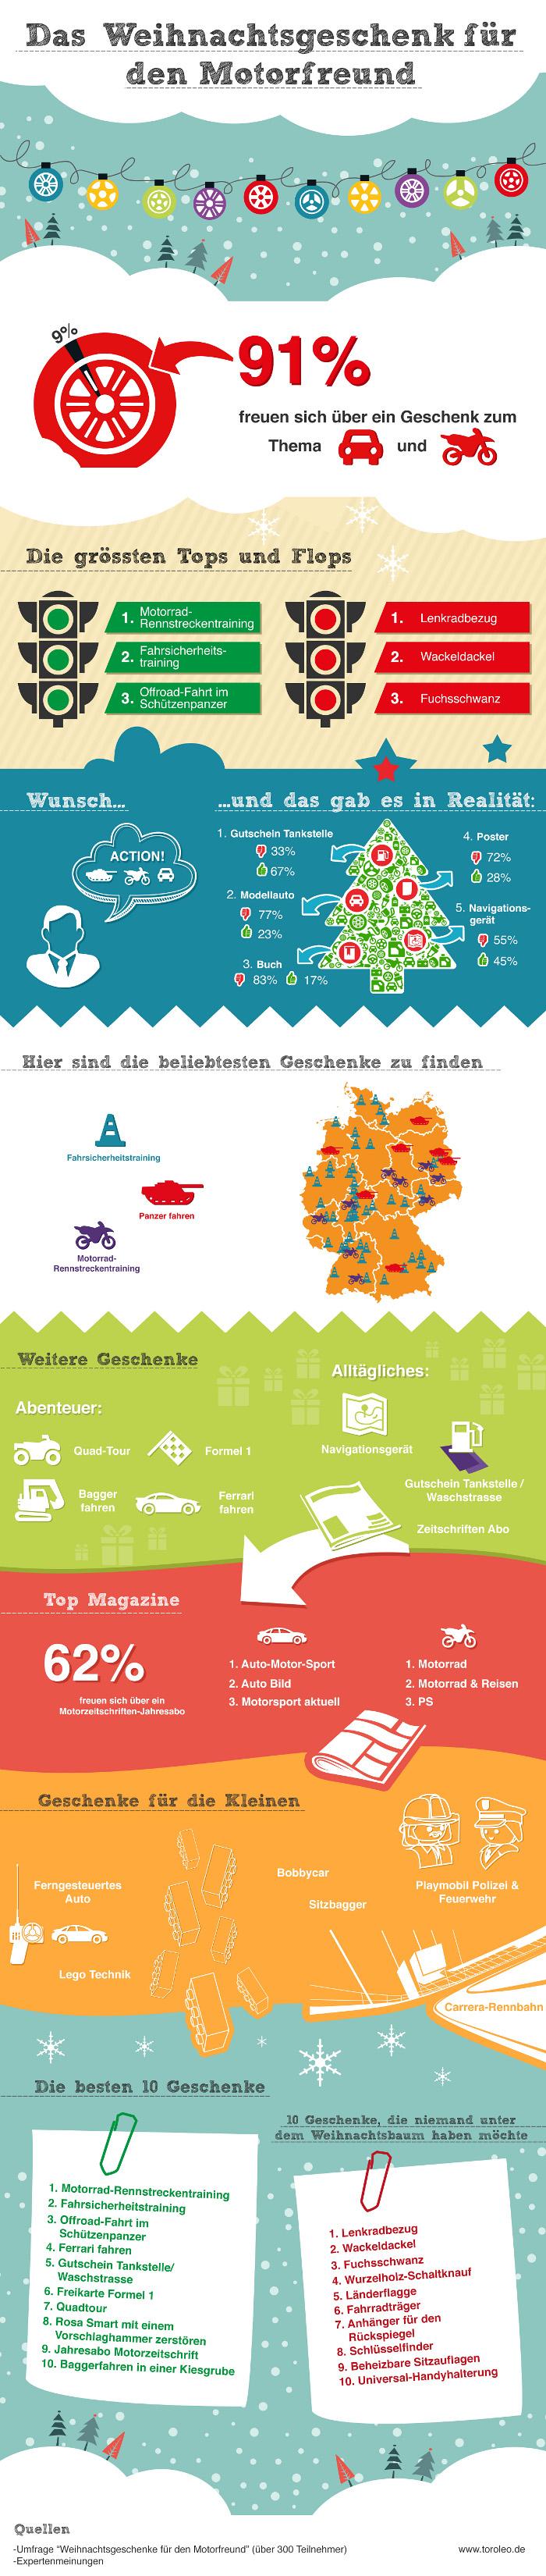 Infografik Weihnachtsgeschenke für den Motorfreund